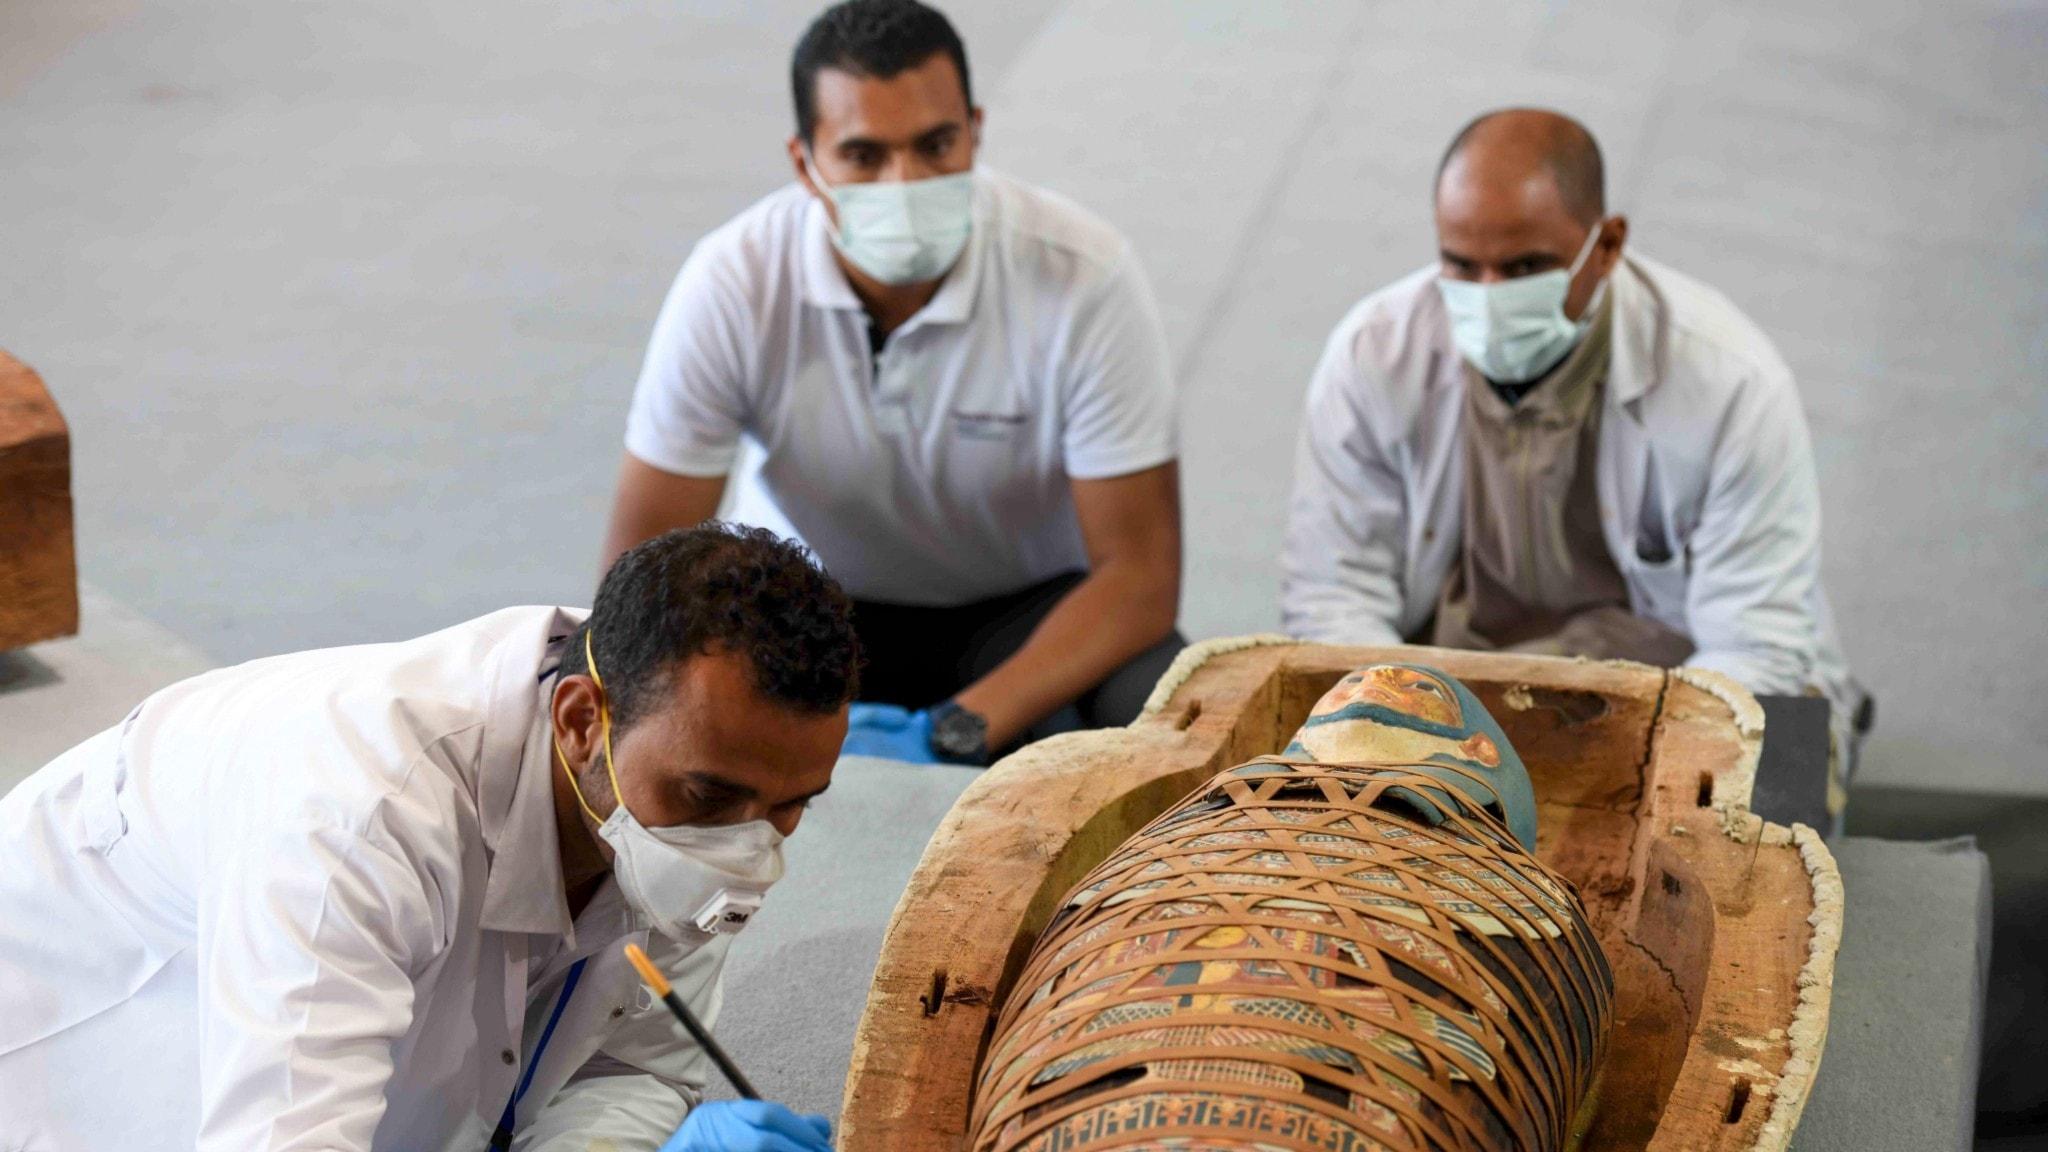 Fortfarande hittas mumier vid Sakkara i Egypten, som denna nu senast hösten 2020. Men idag äter vi inte upp dem. Eller?